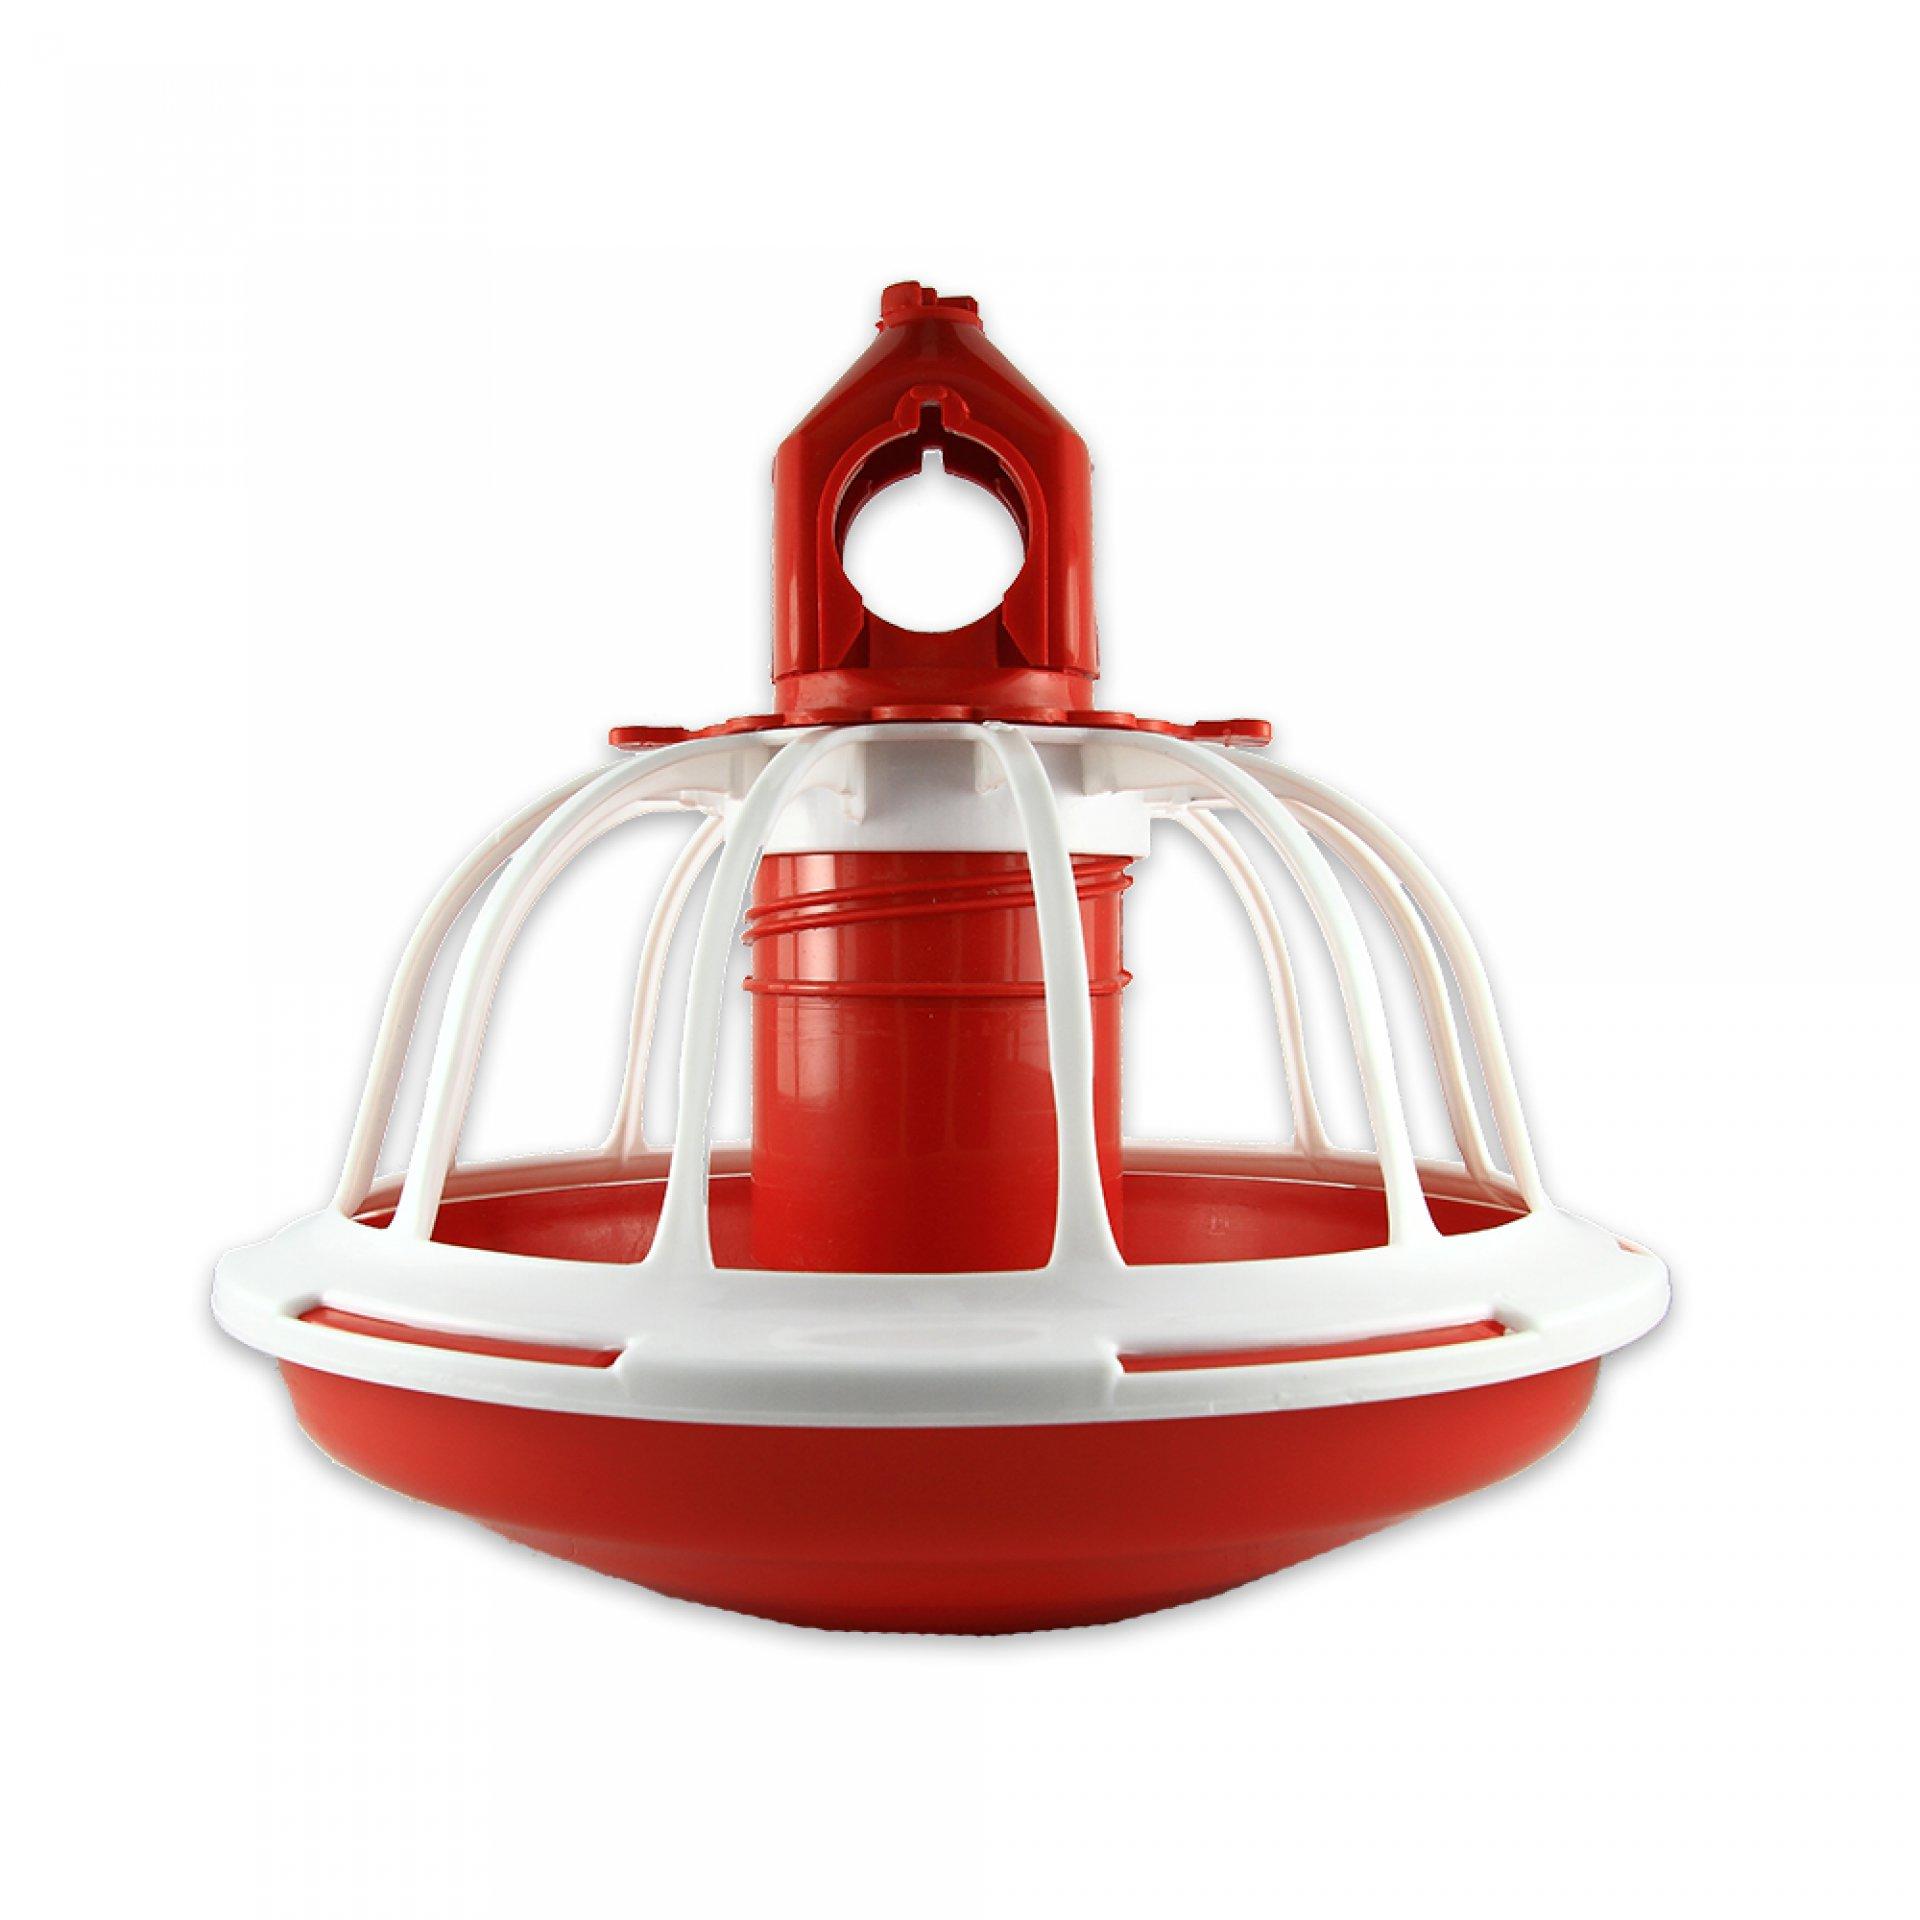 bym02-0201-broyler-feeder-pan